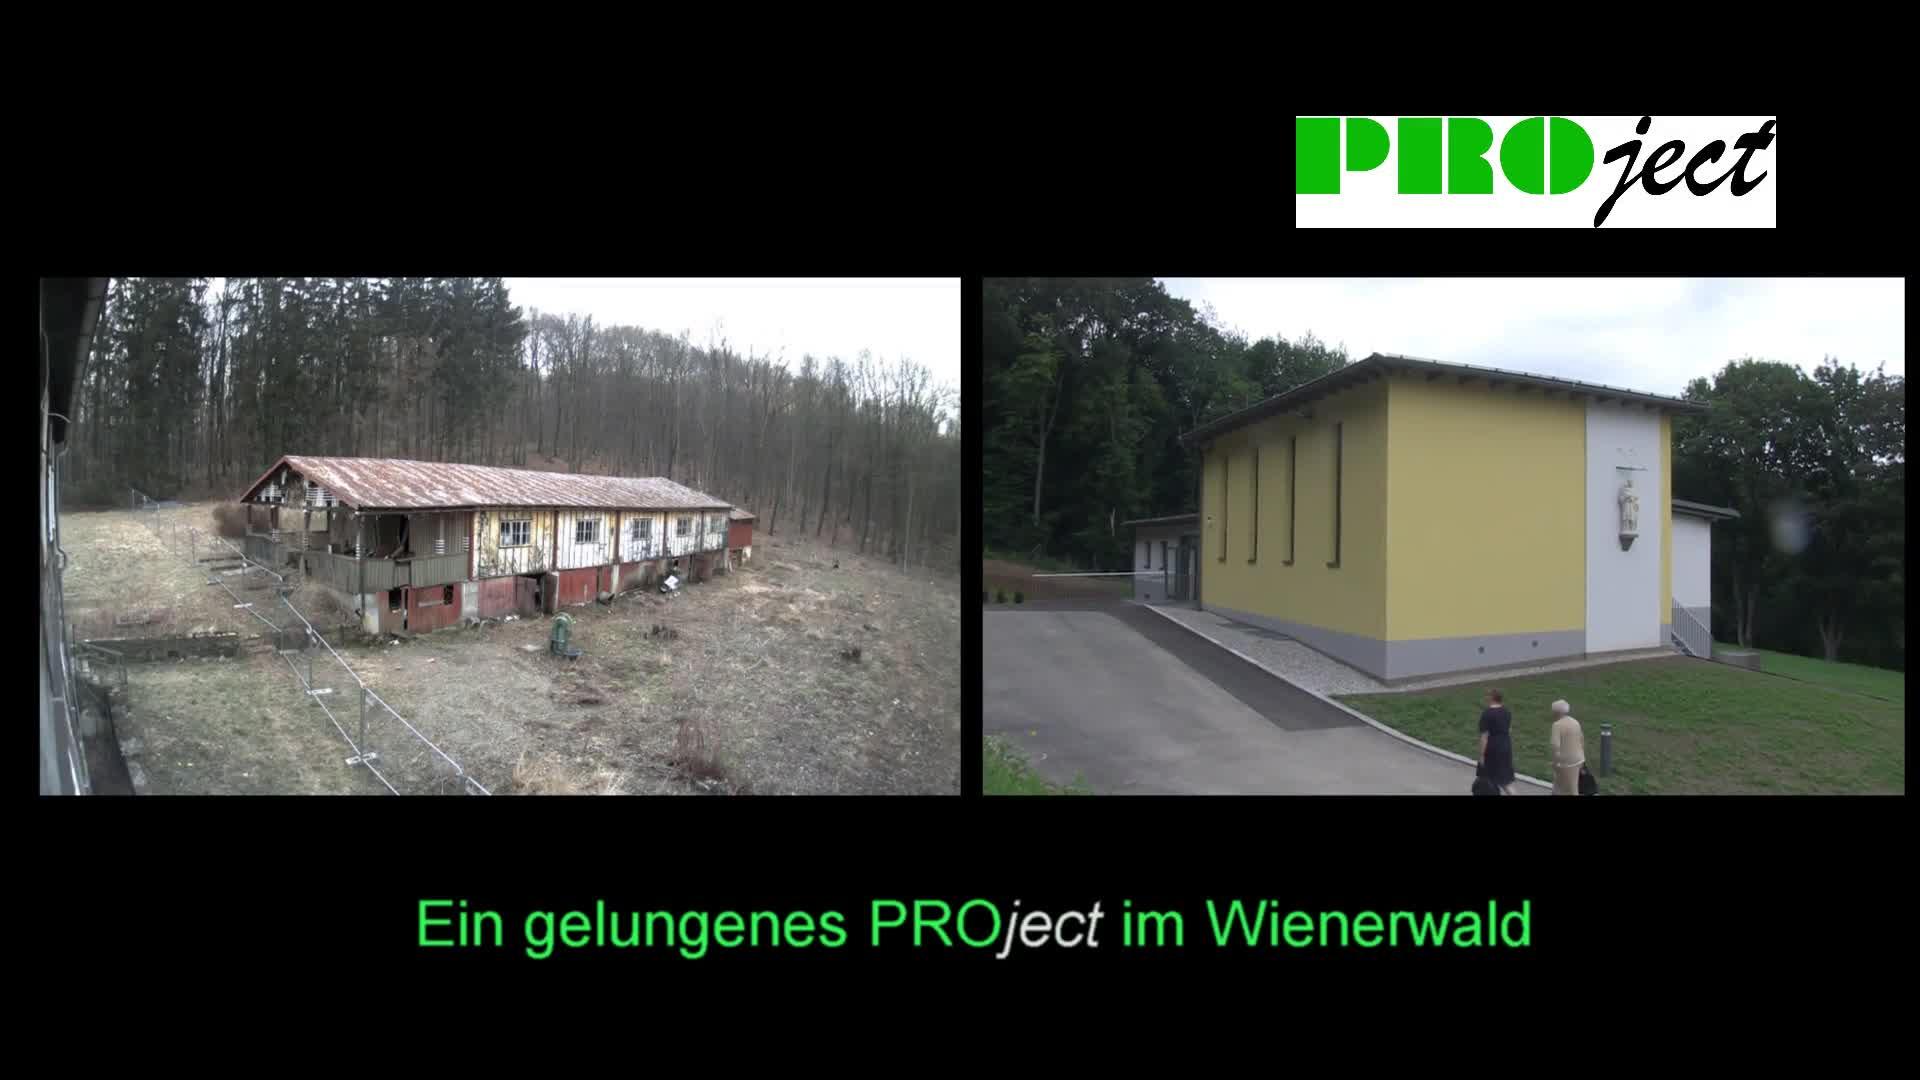 Project im Wienerwald